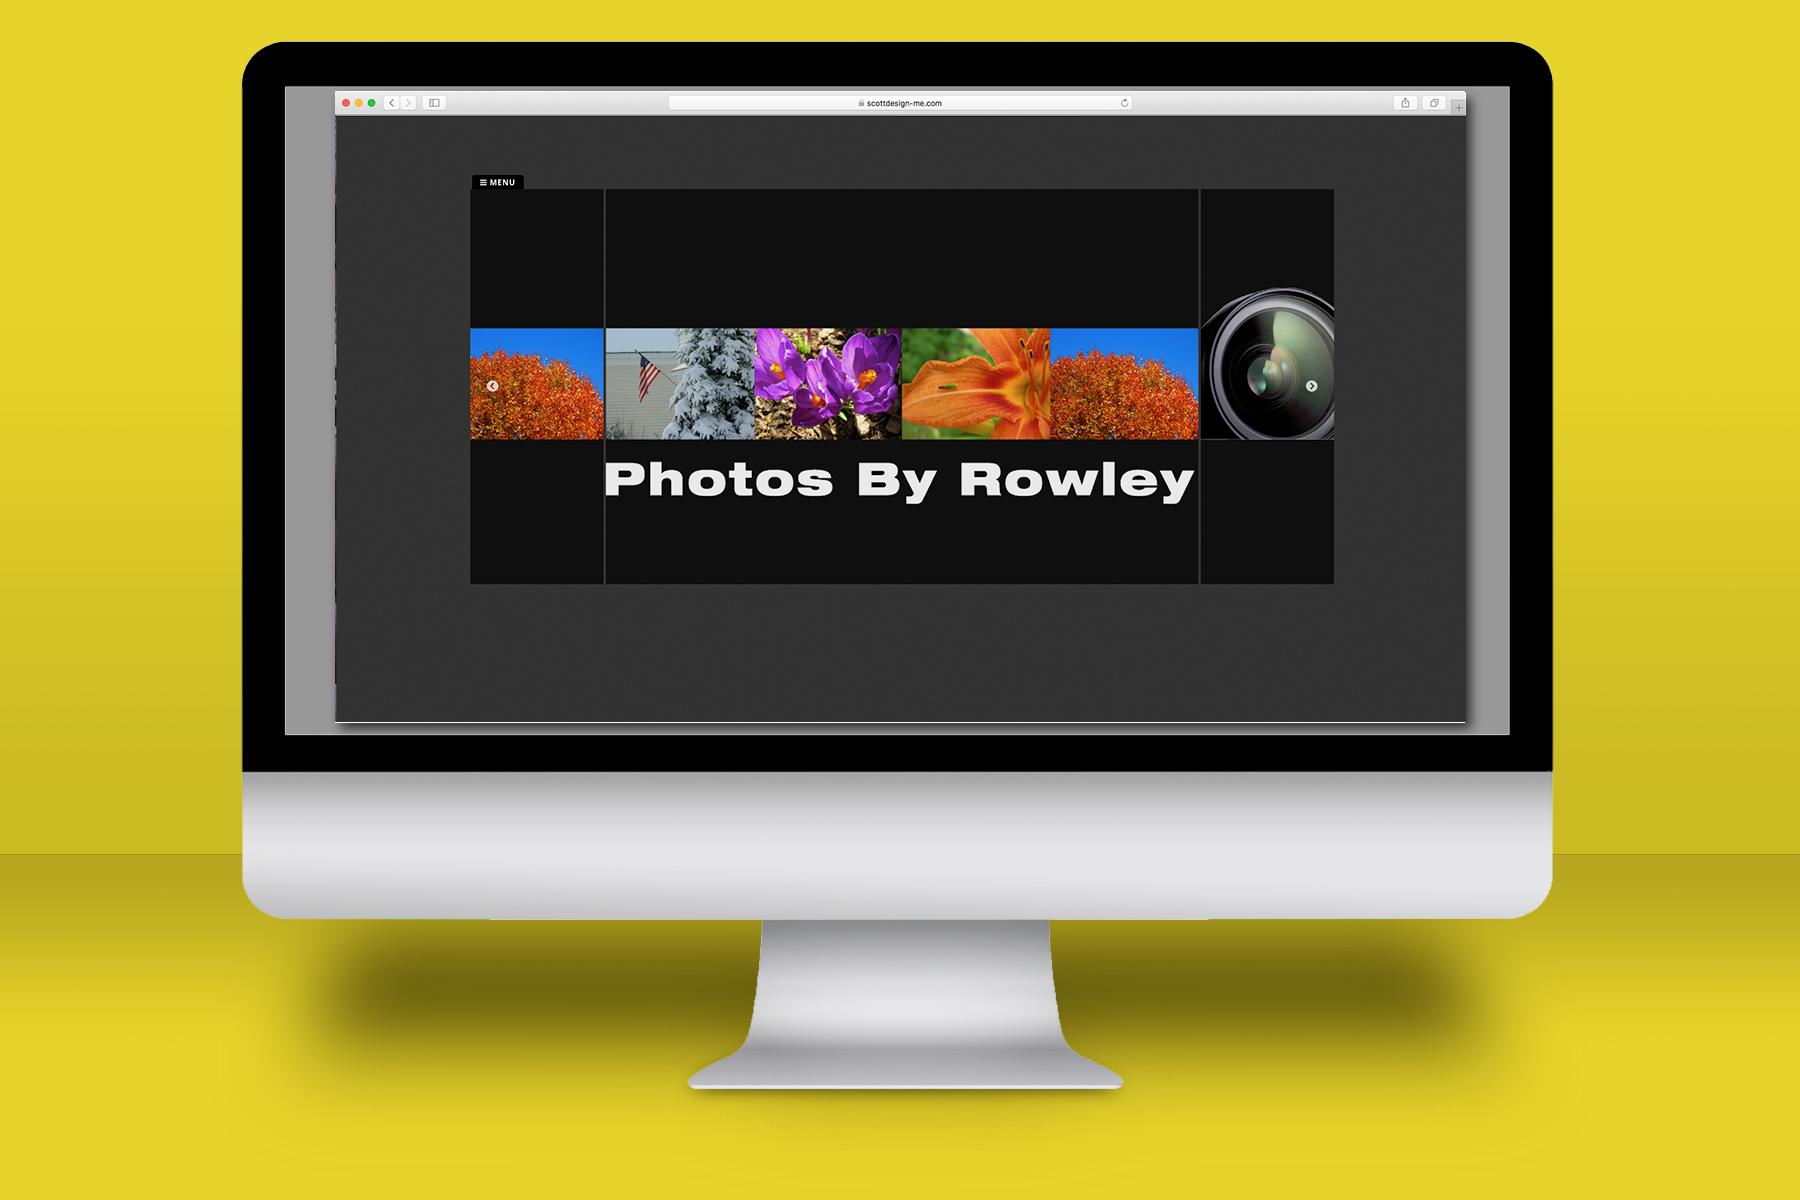 web_photos_by_rowley_01